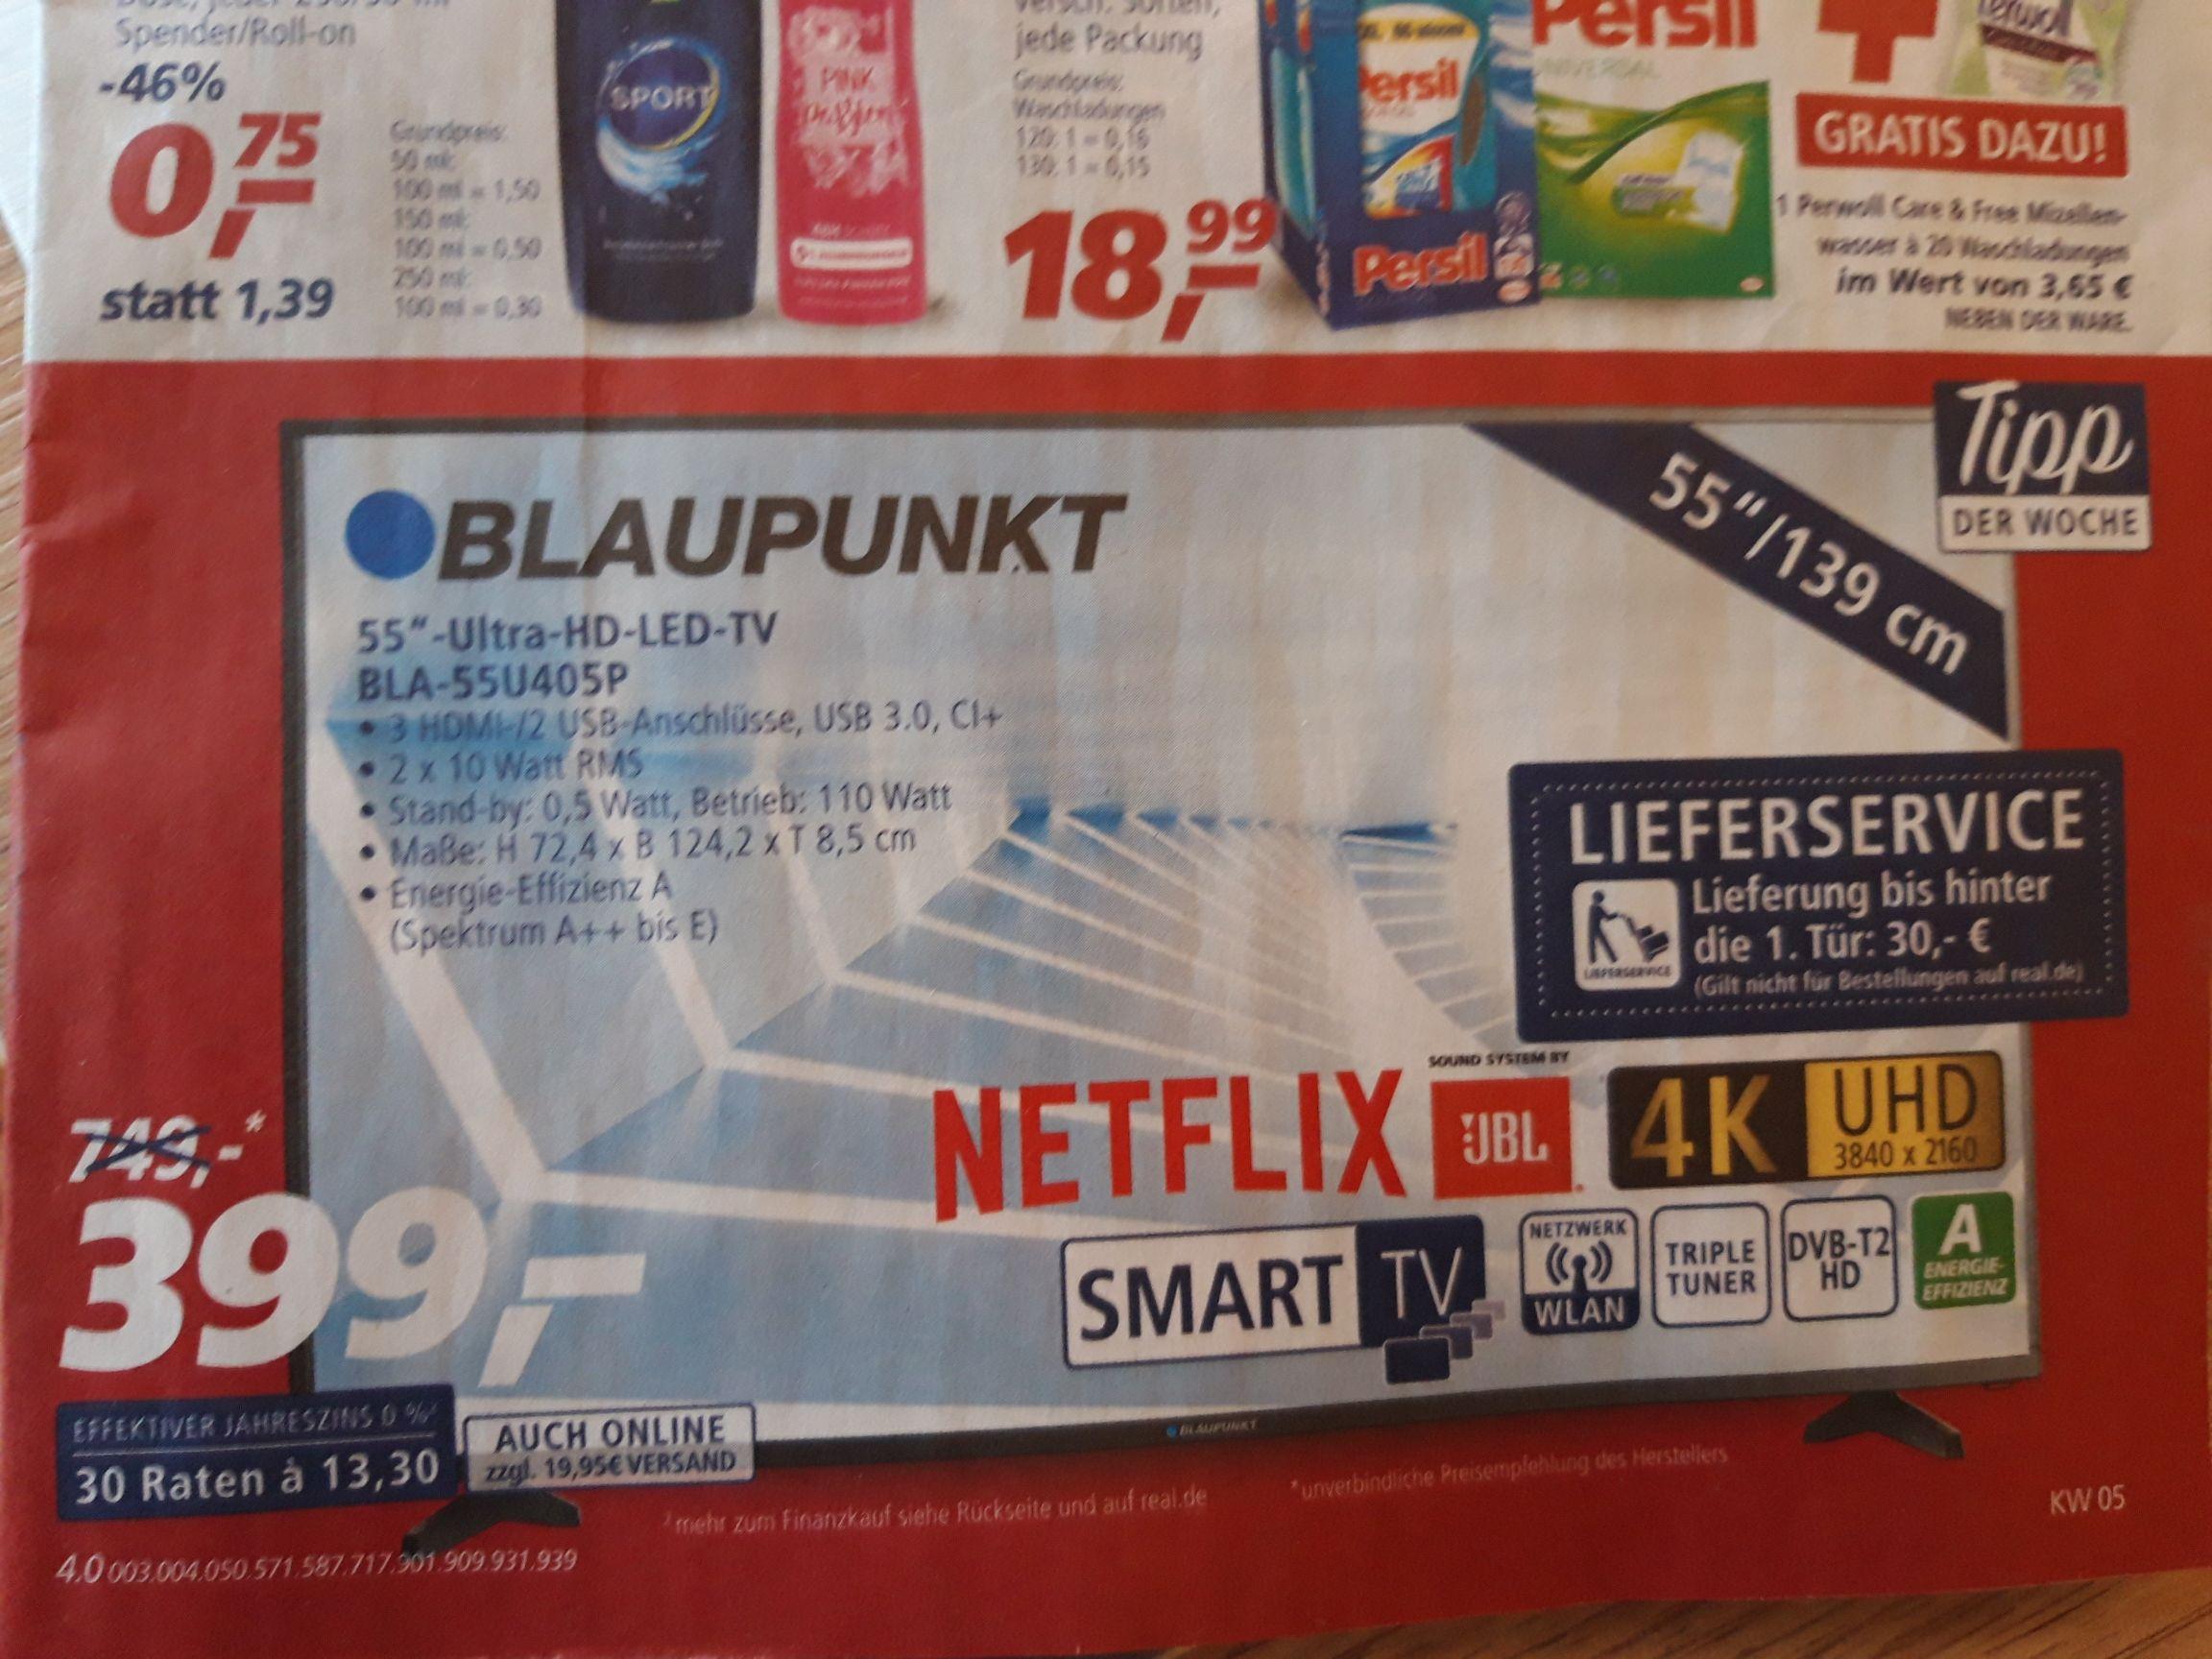 """Blaupunkt UHD TV 55"""" BLA-55U405P"""